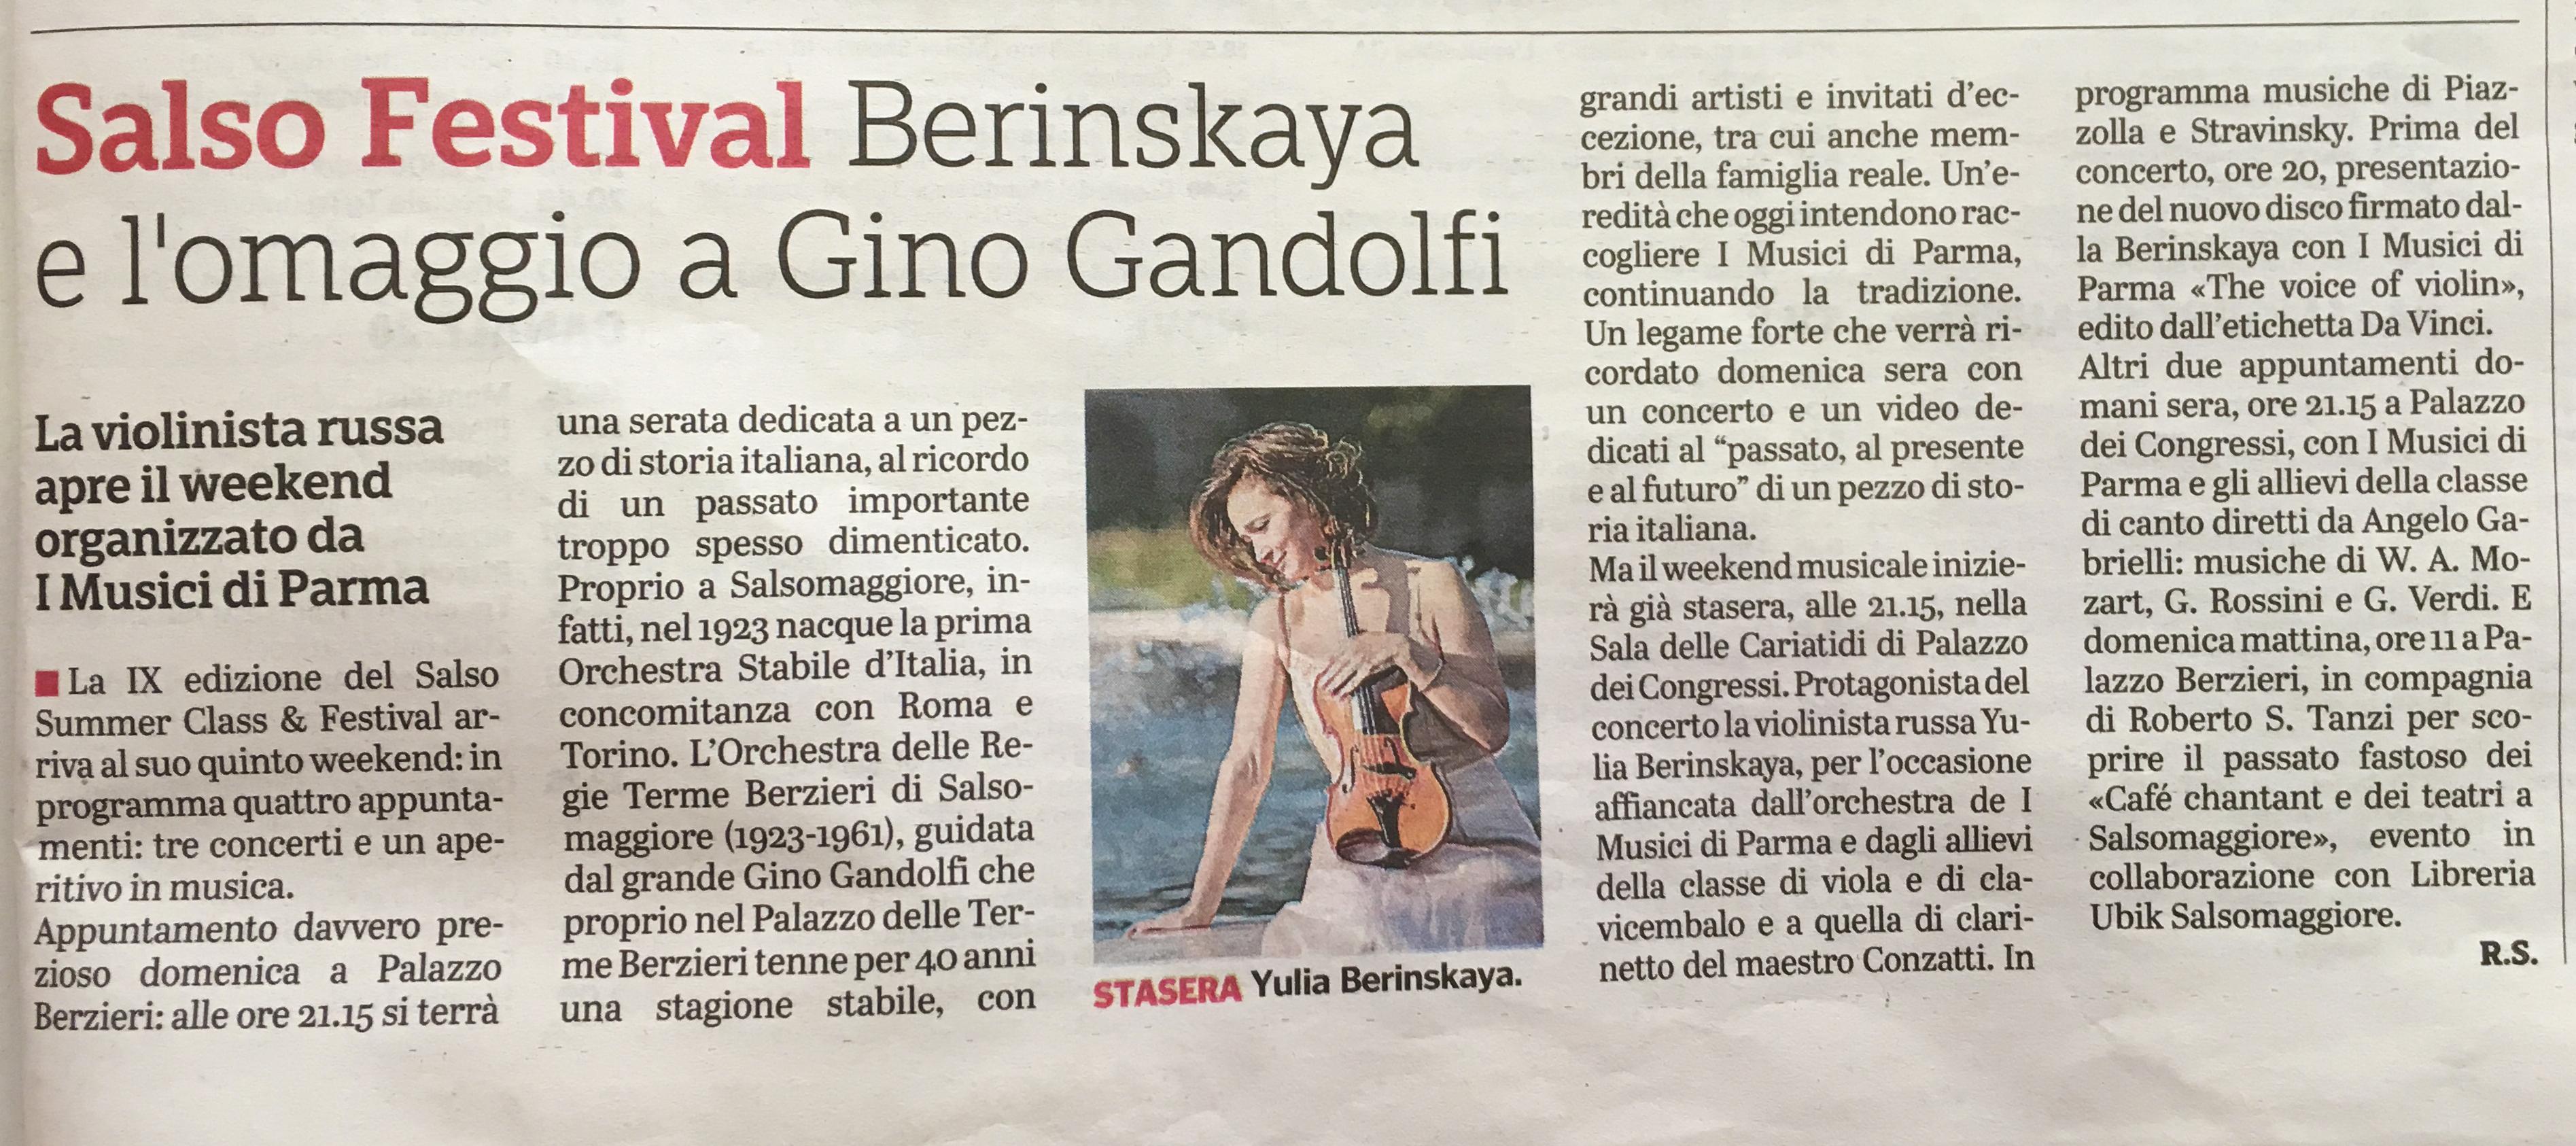 Salso Festival Berinskaya e l'omaggio a Gino Gandolfi